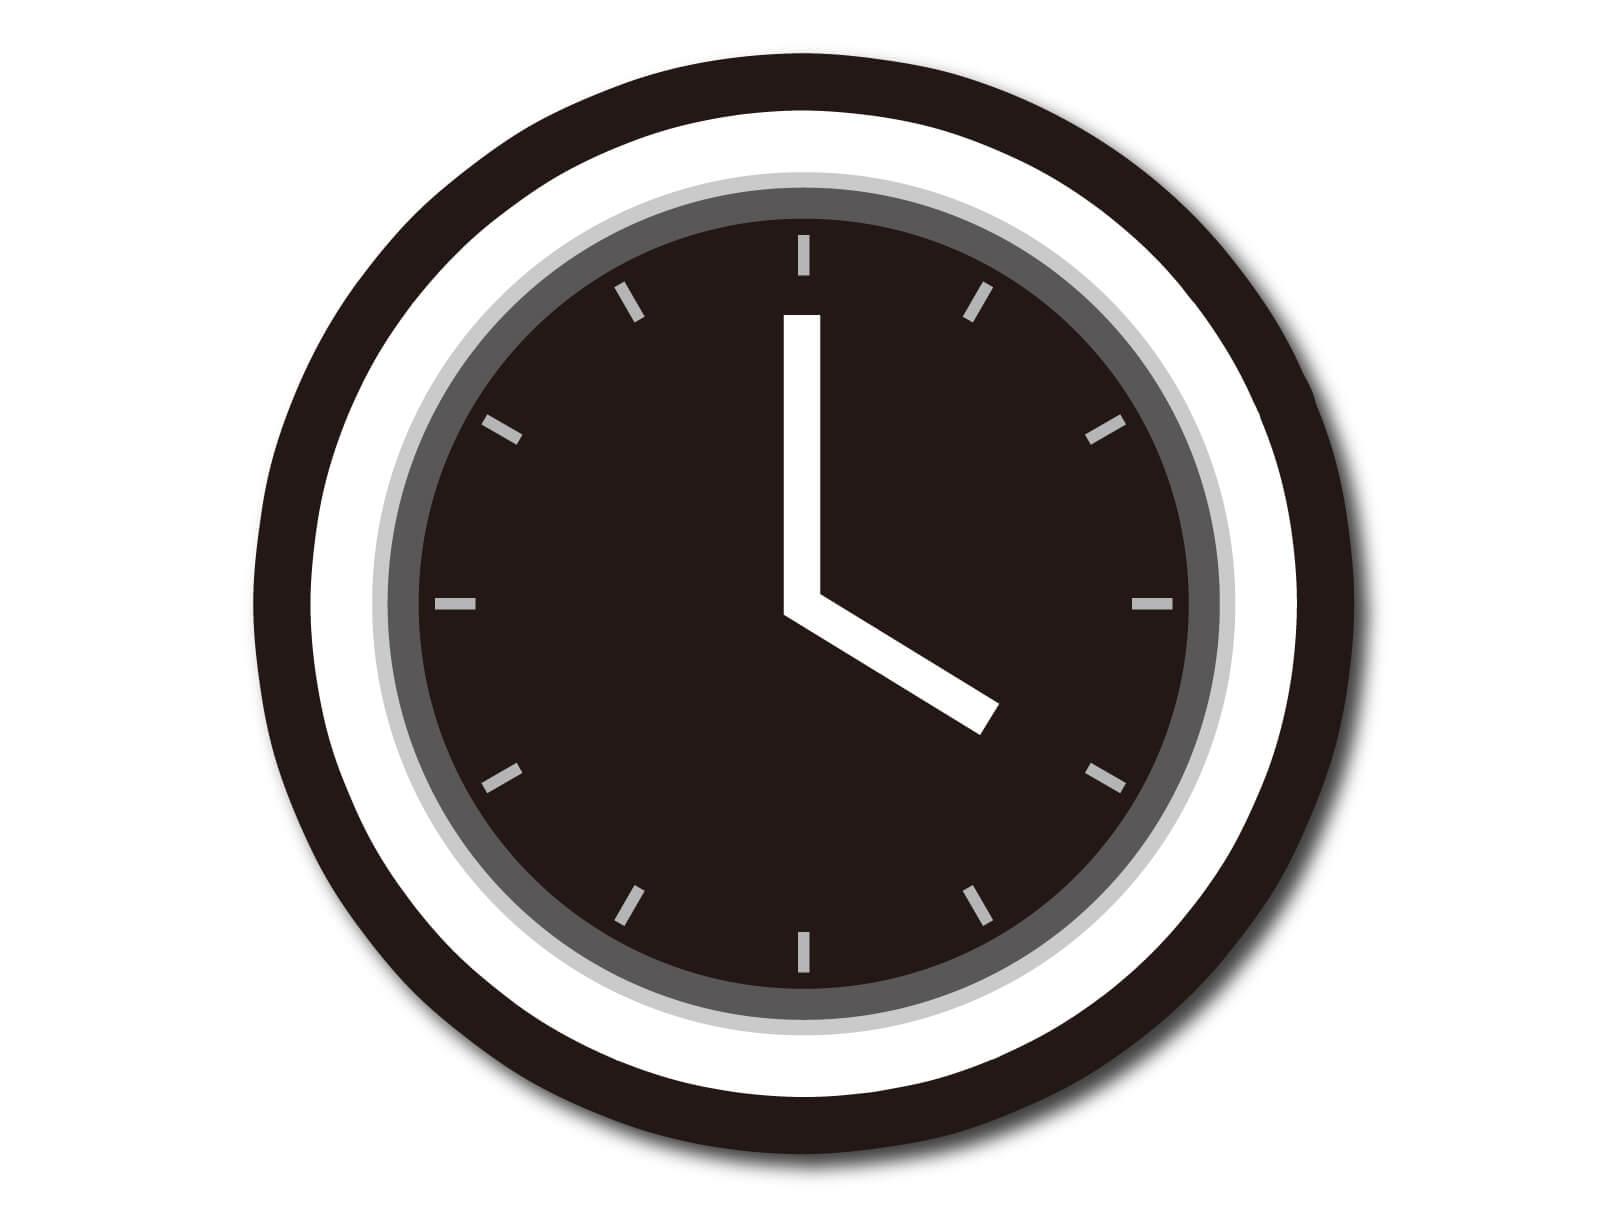 時間に応じて料金が発生する料金システム